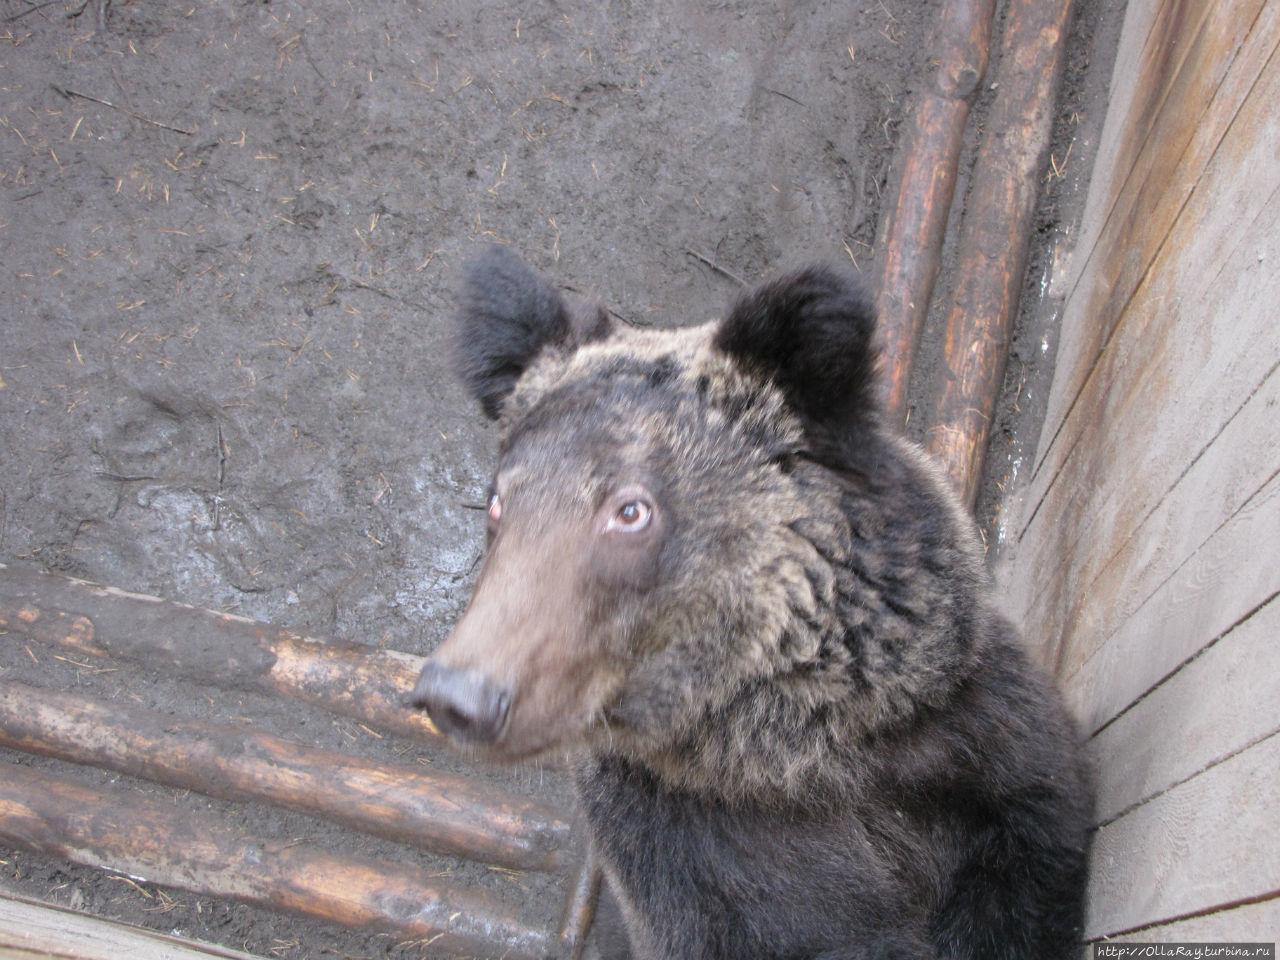 Цирковой медведь, практически потерявший зрение от блеска софитов.